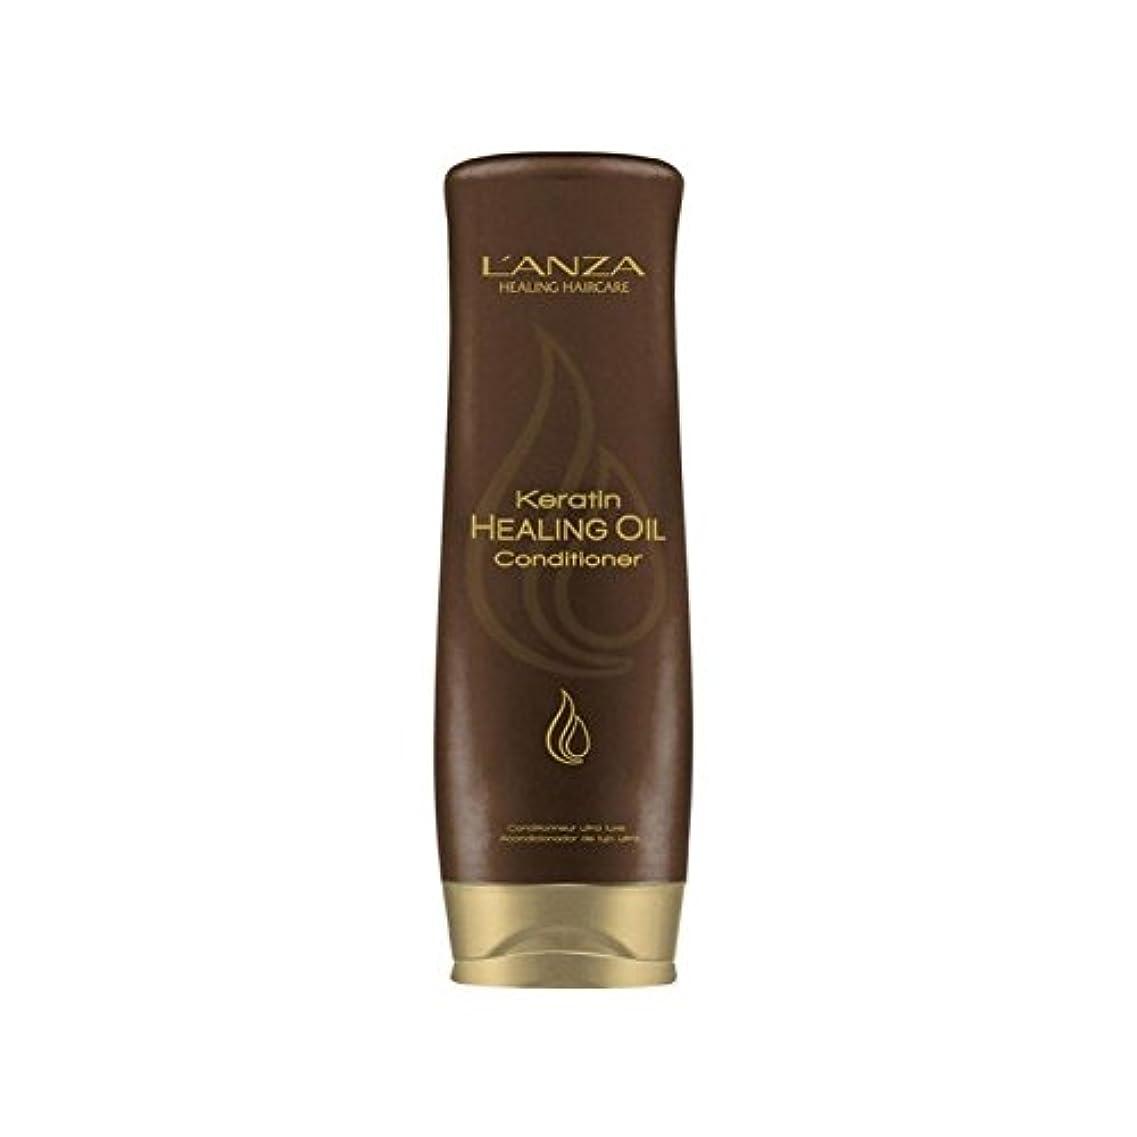 不器用広告主修羅場L'Anza Keratin Healing Oil Conditioner (250ml) - アンザケラチンオイルコンディショナー(250ミリリットル)を癒し [並行輸入品]